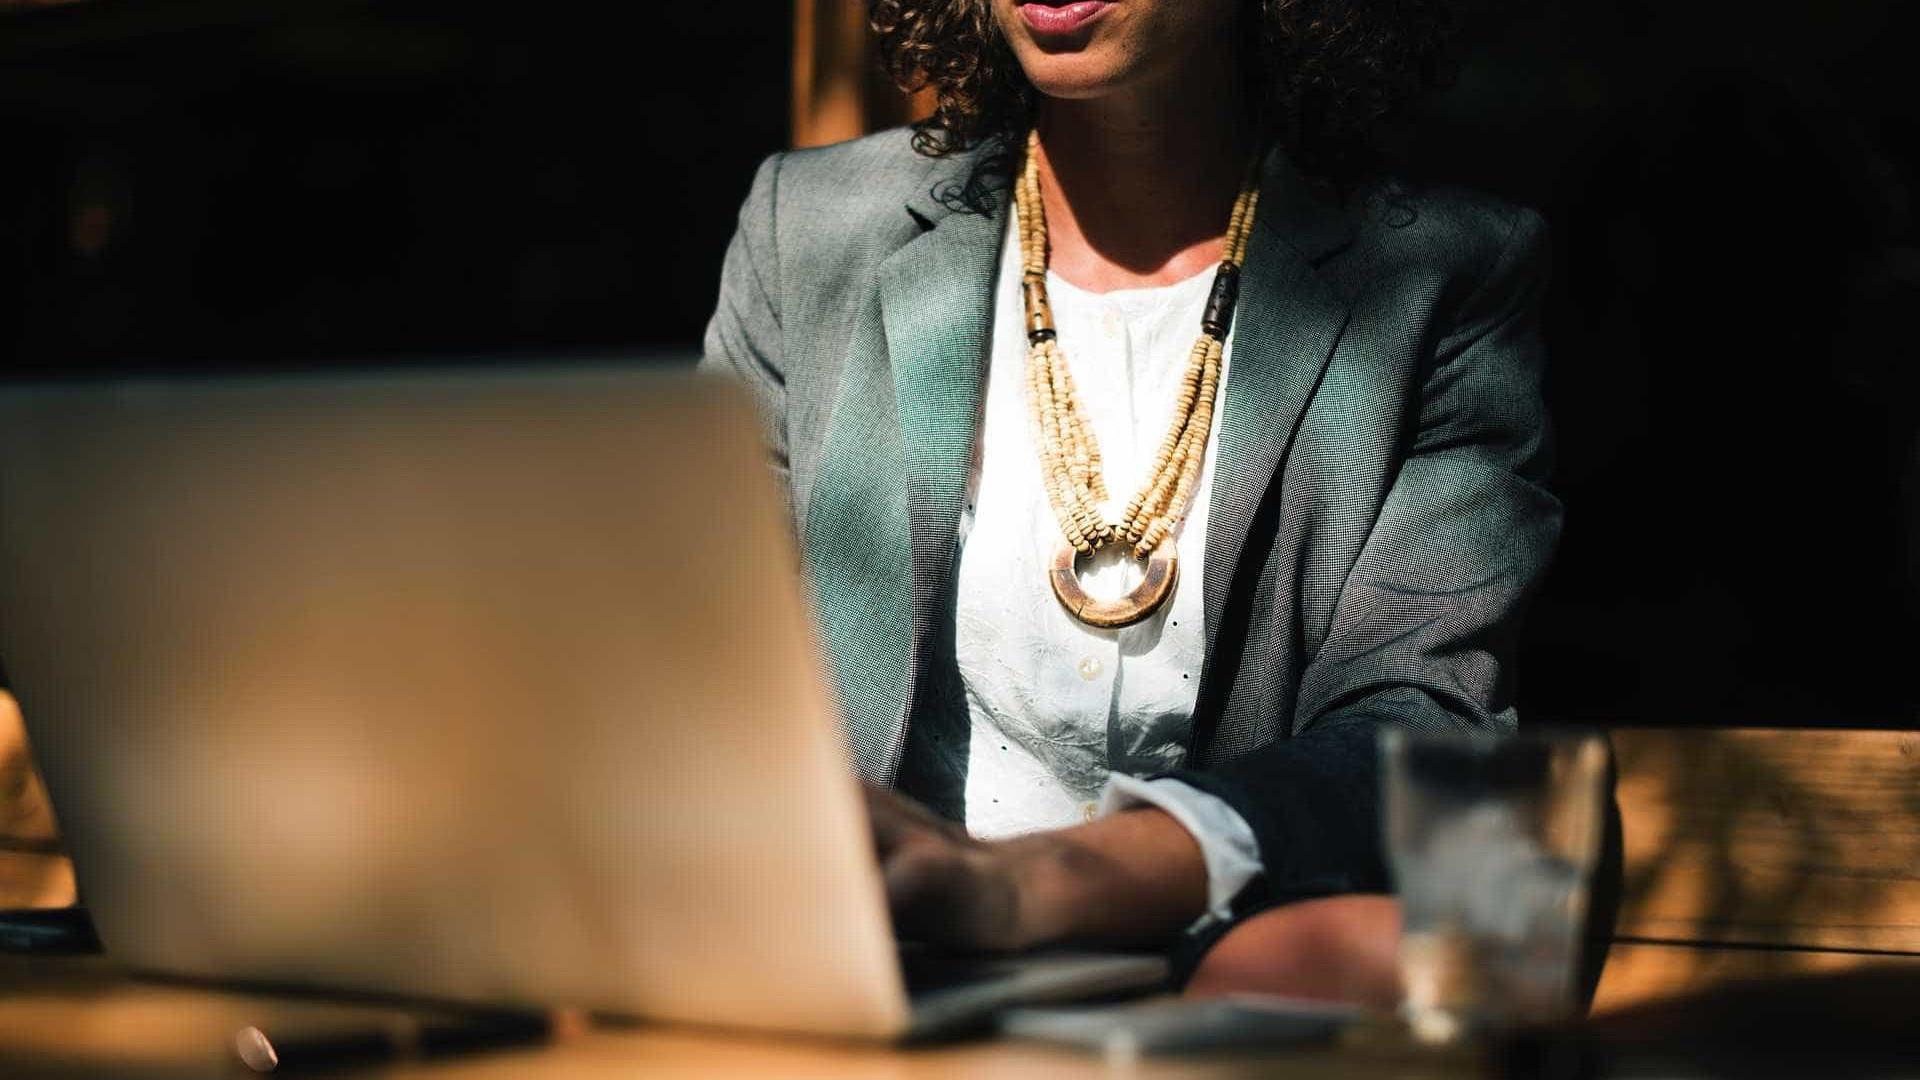 Mulheres ganham menos que homens mesmo sendo mais qualificadas